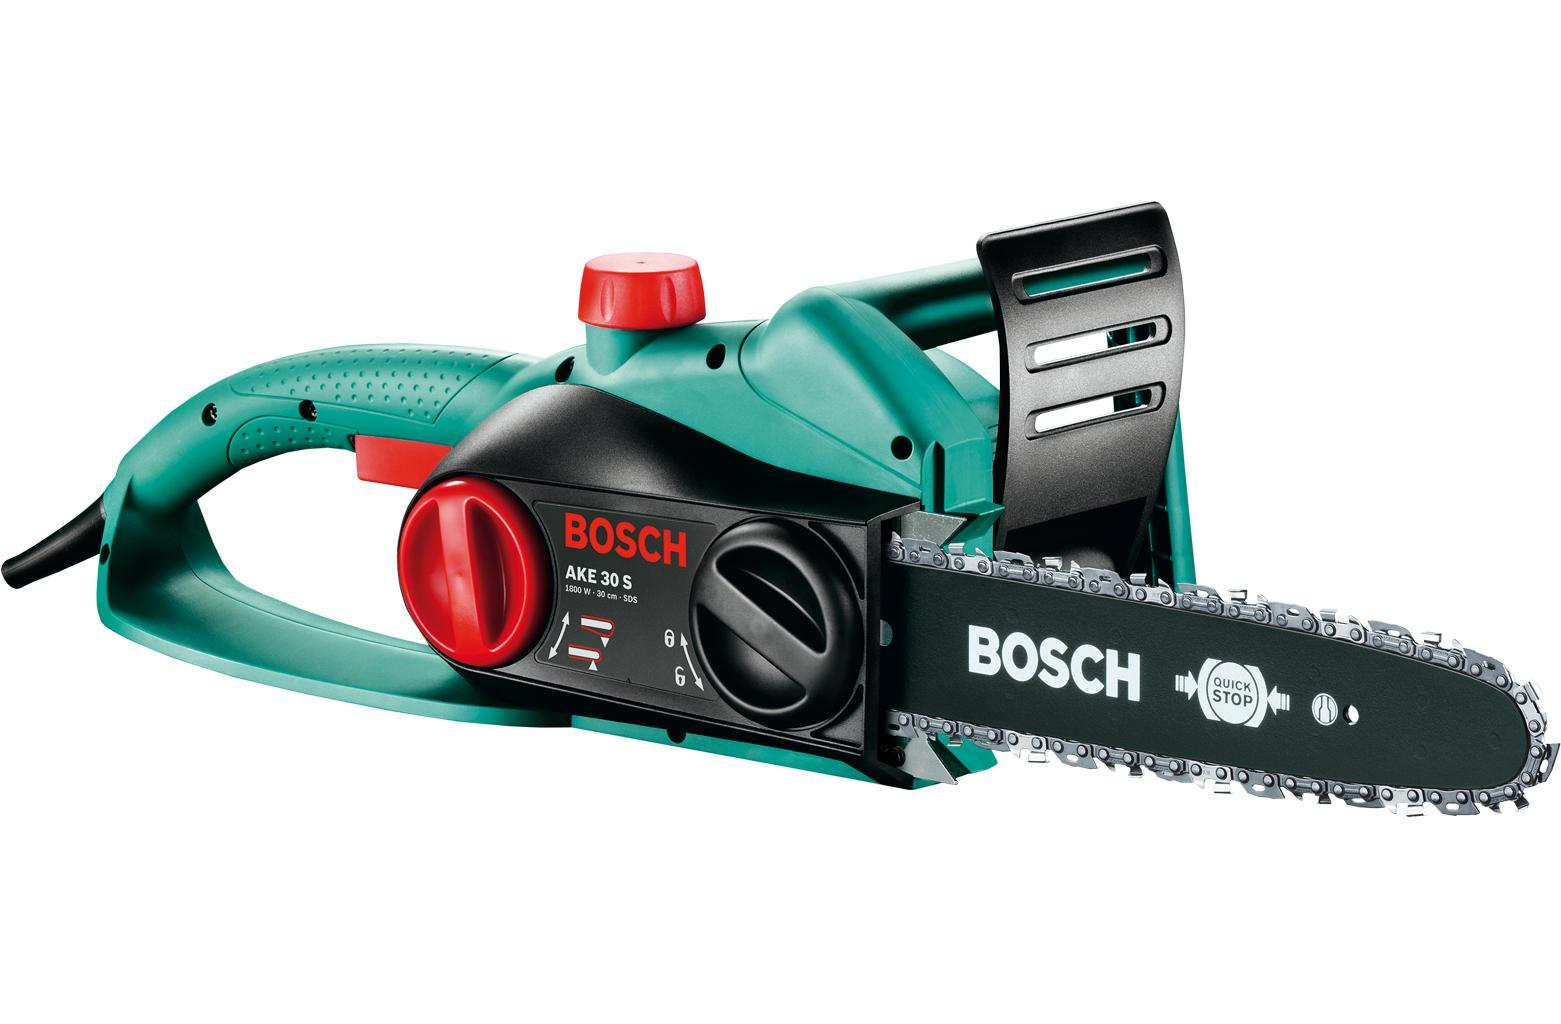 Цепная пила Bosch AKE 30 S 0600834400Ake 30 sЦепная пила Bosch AKE 30 S - прочный и универсальный инструмент, который отлично подойдет начинающим пользователям и любителям. Автоматический тормоз и система установки цепи SDS сделают работу с этой пилой безопасной, а ее обслуживание простым.